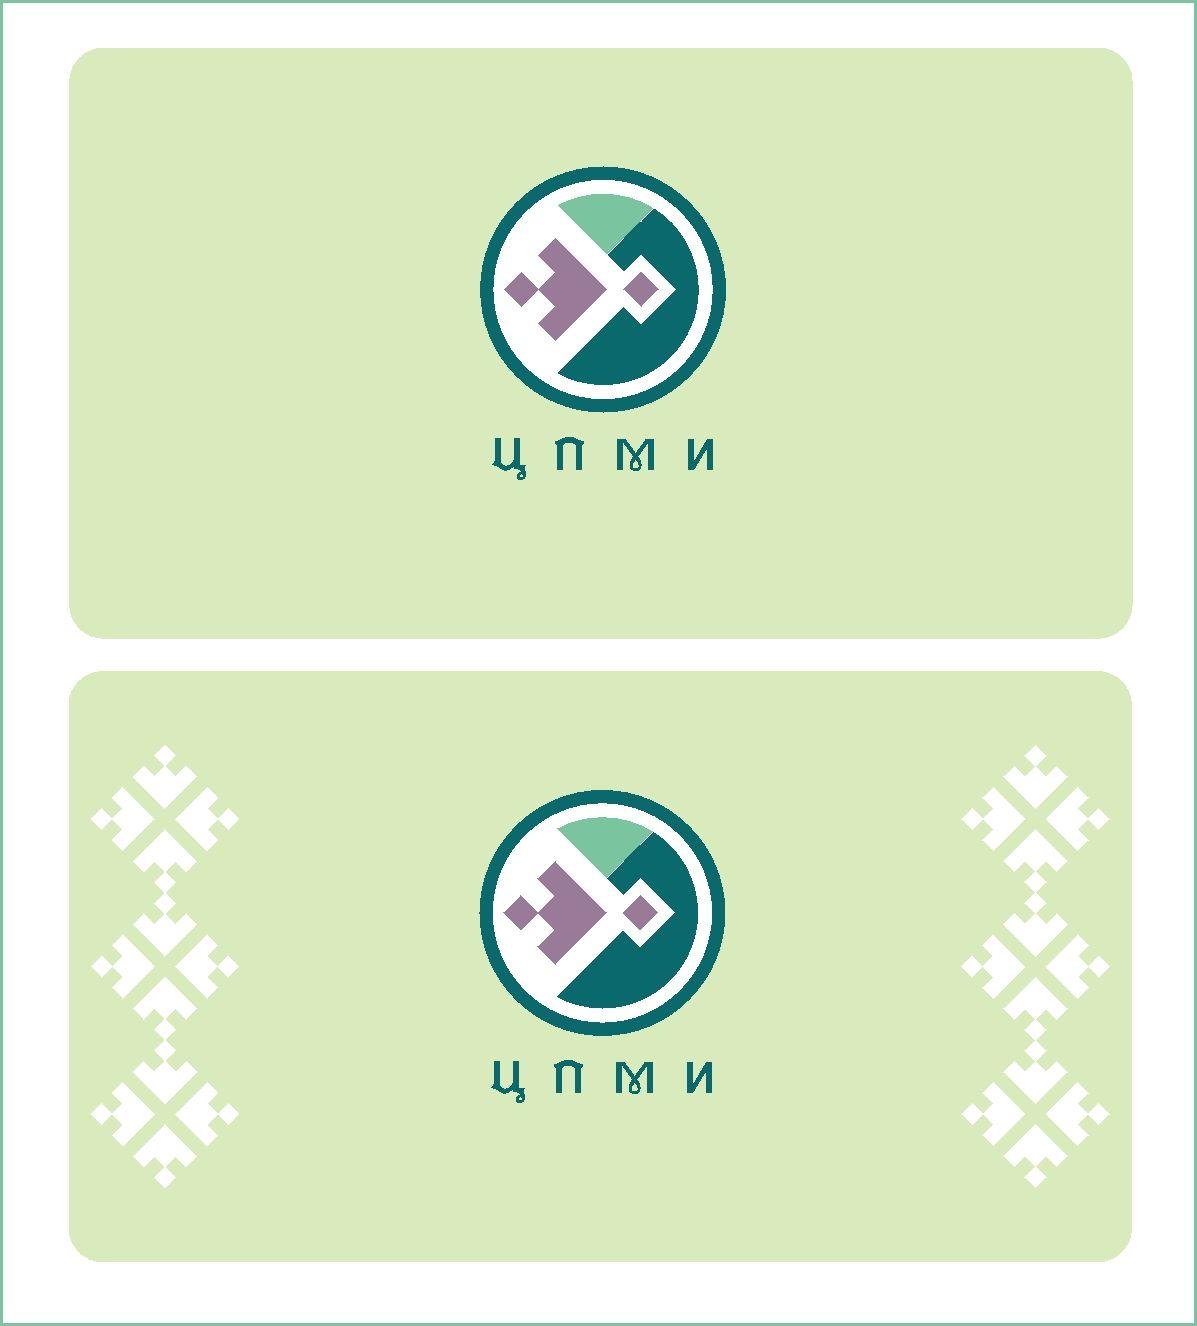 Логотип для Центра поддержки молодежных инициатив - дизайнер chudoriba